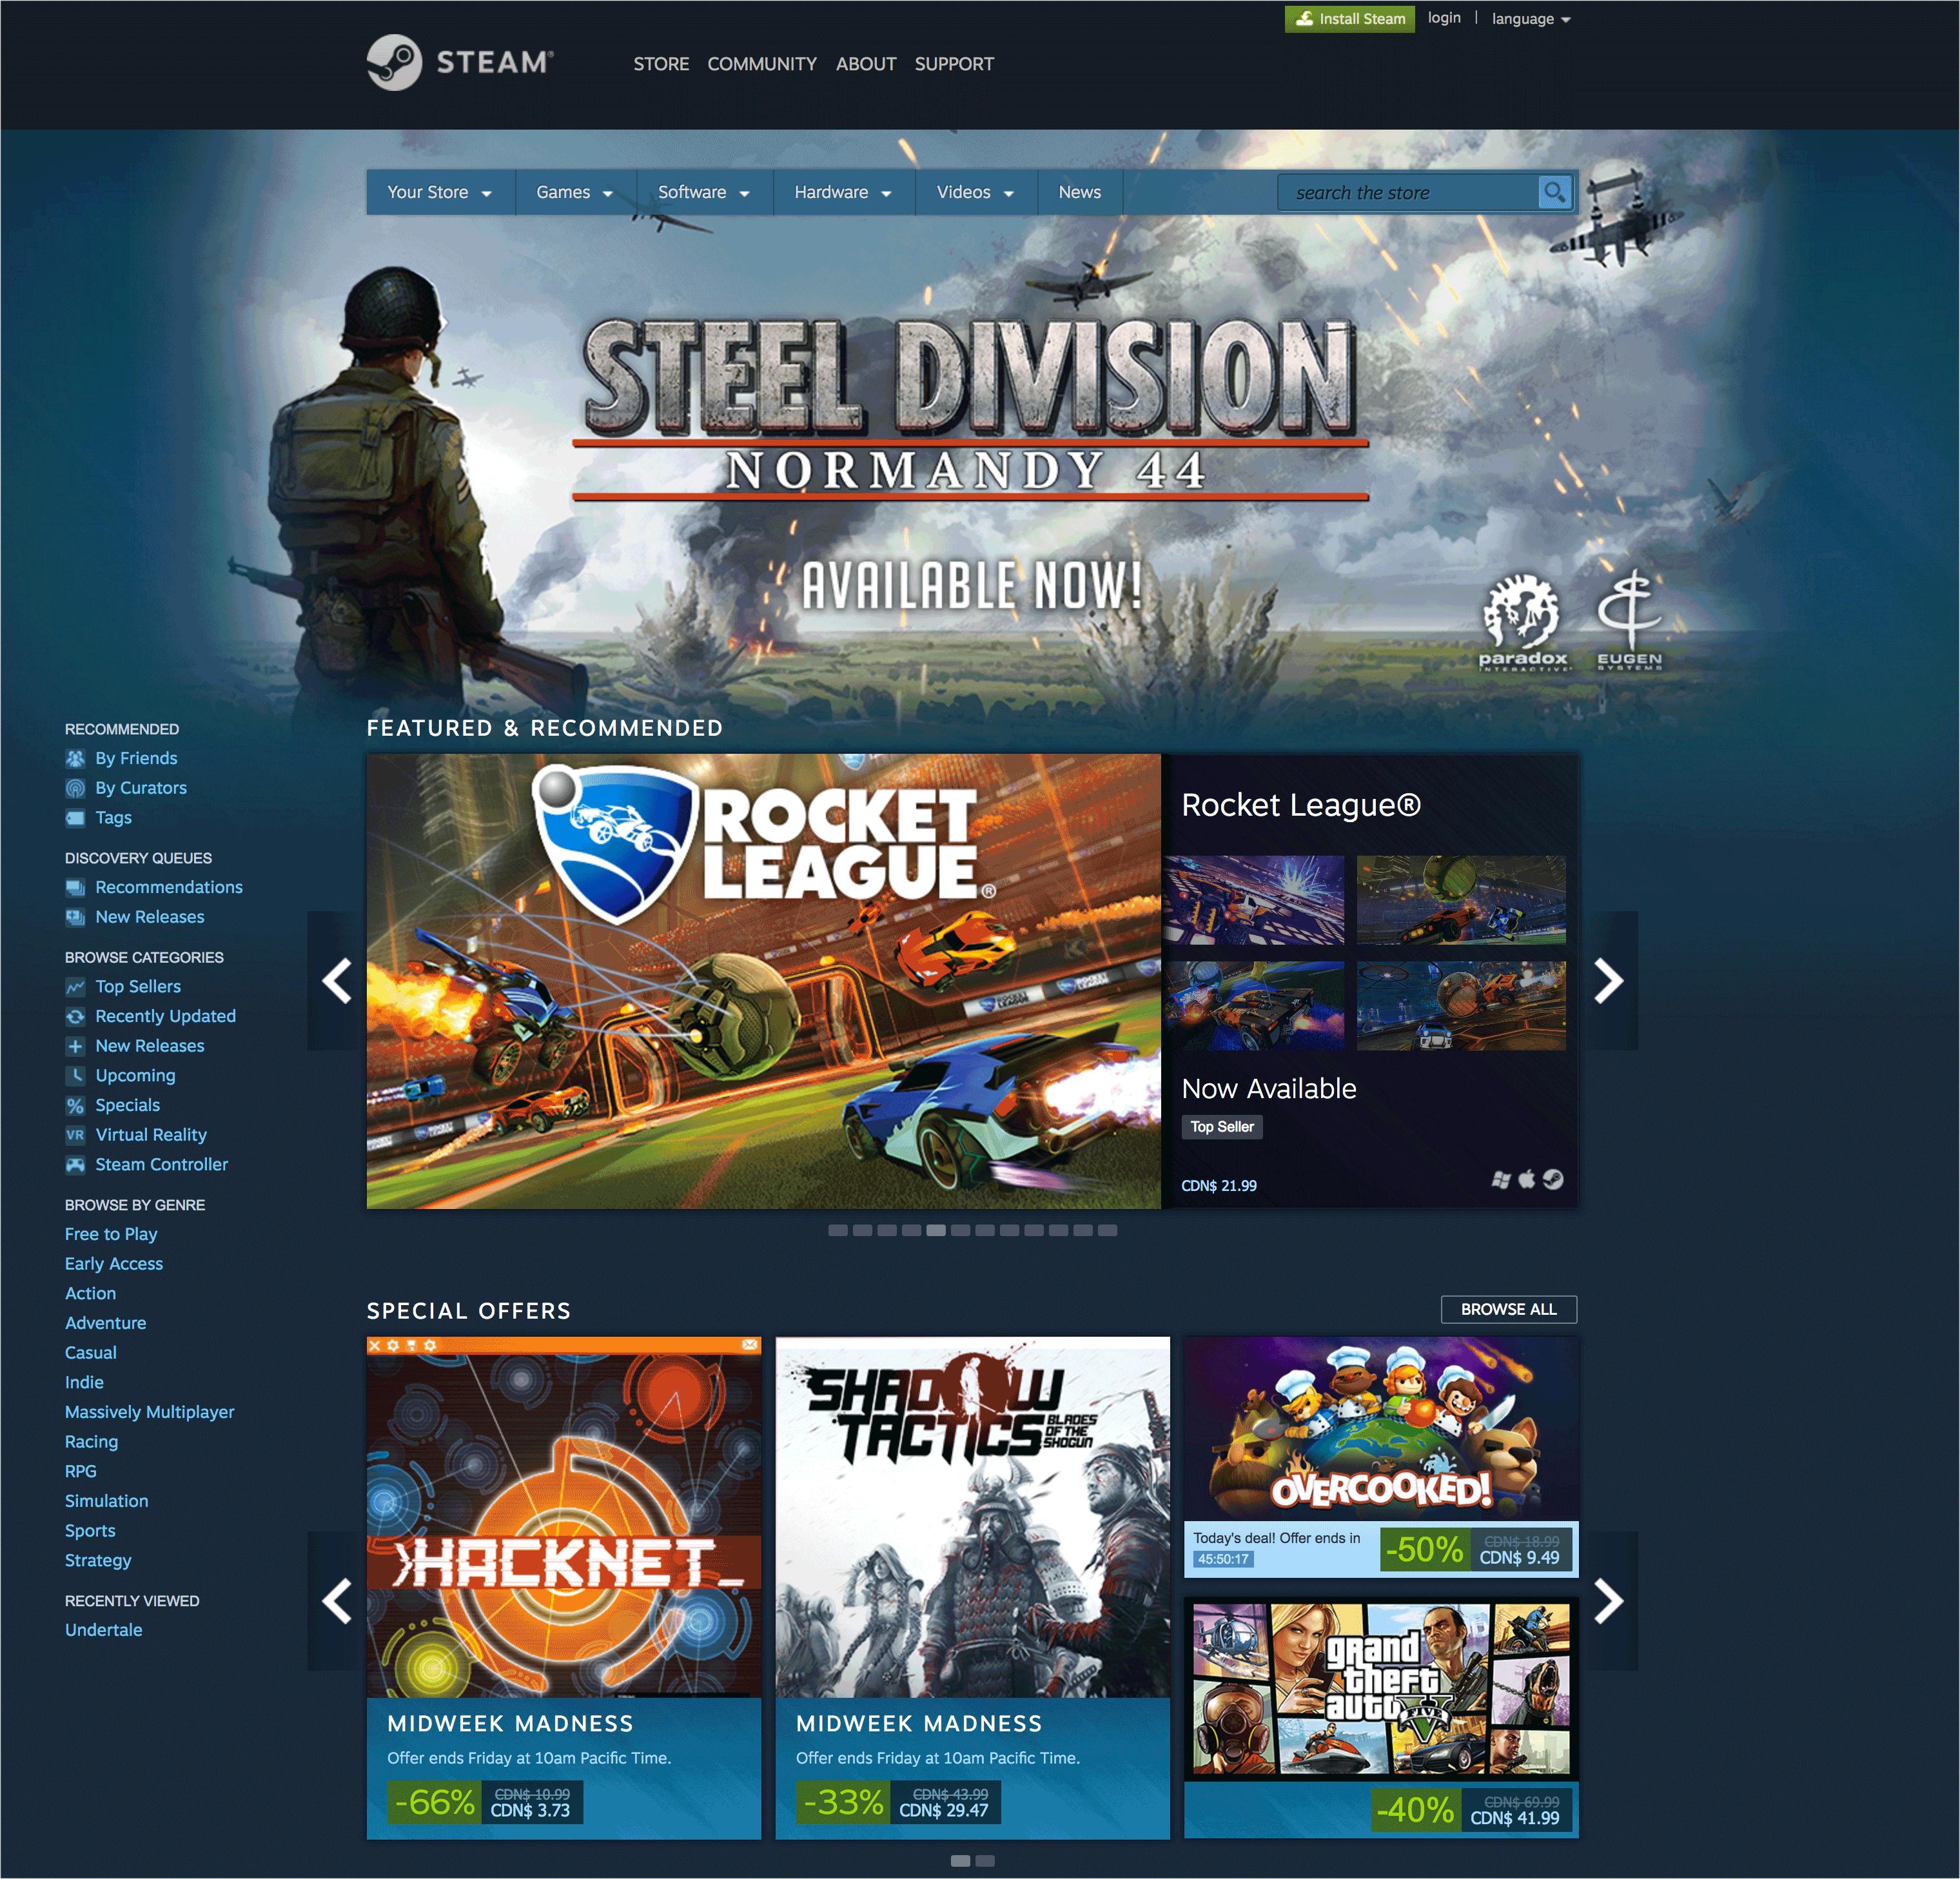 STEAM - Install Steam Today Screenshot